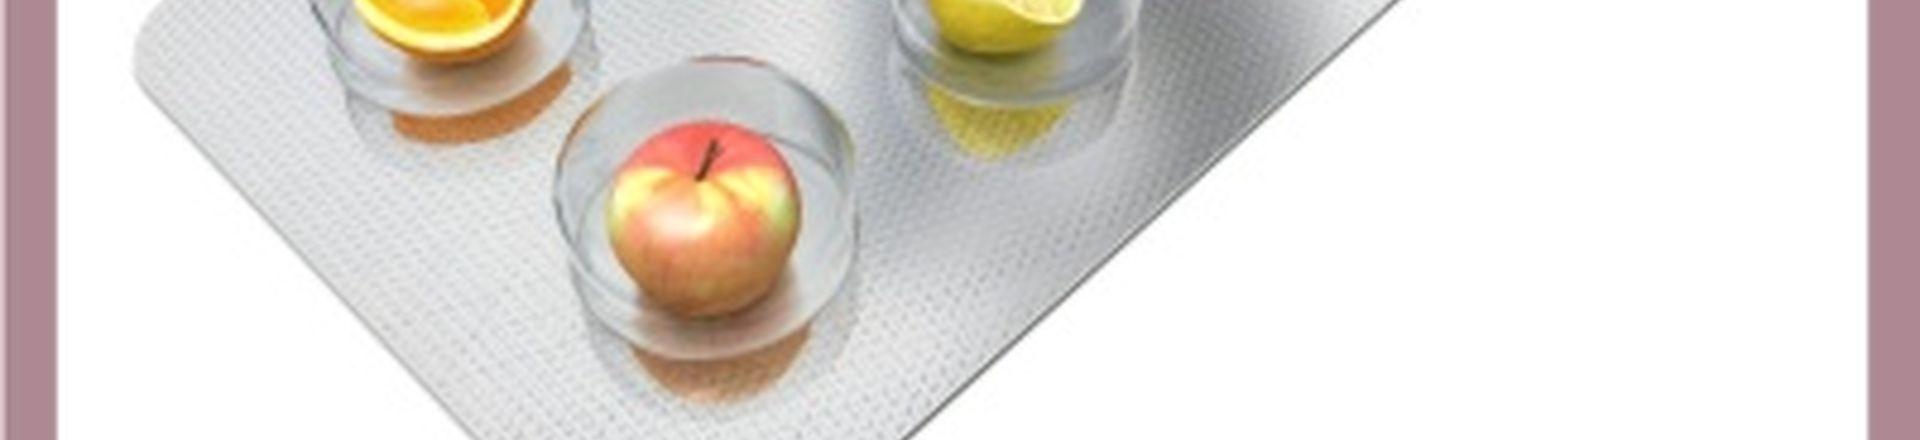 Warsztaty Reklama i znakowanie suplementów diety - najnowsze zmiany